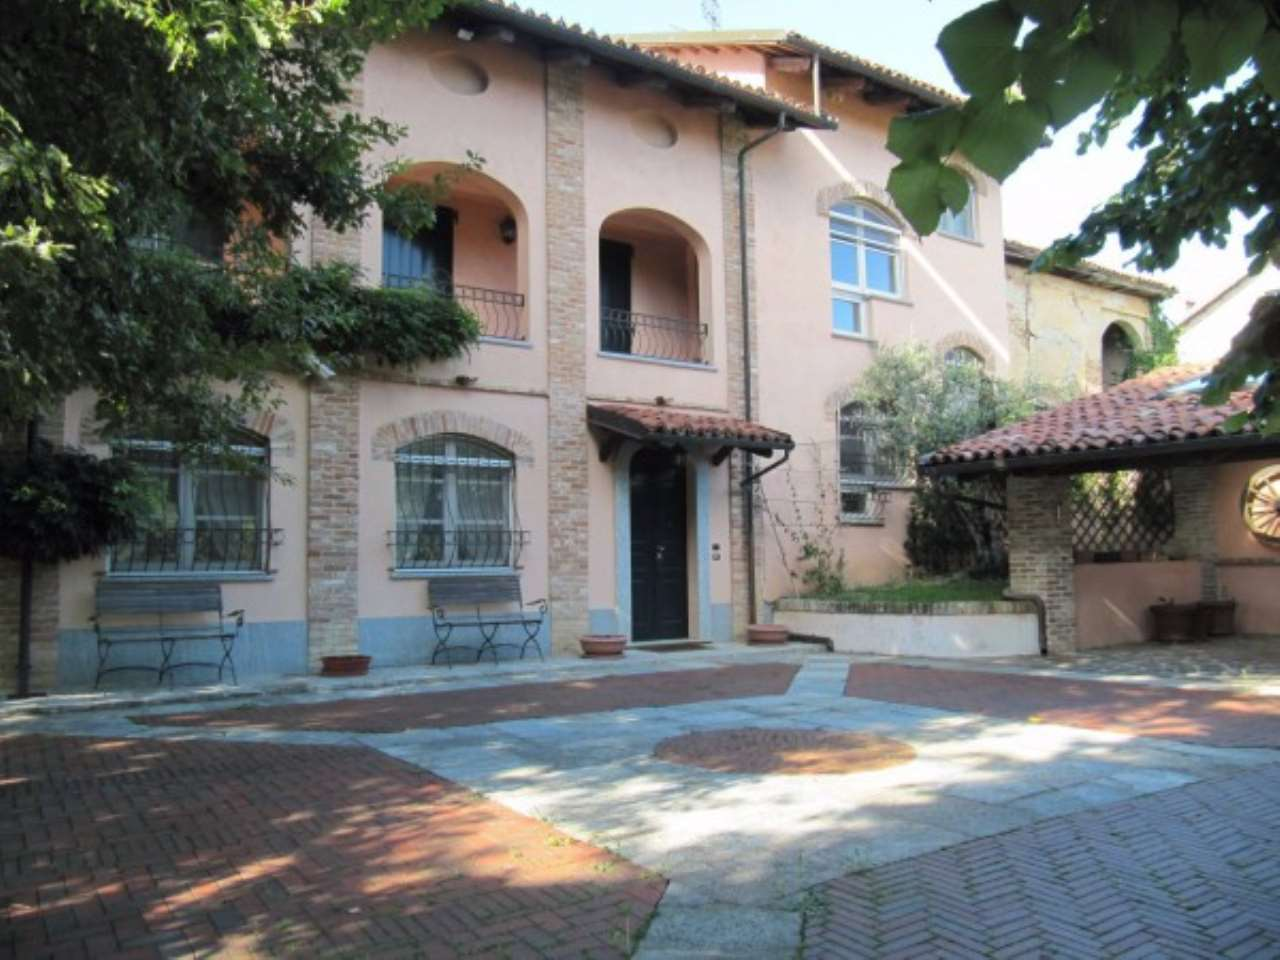 Rustico / Casale in vendita a La Morra, 6 locali, prezzo € 700.000   Cambio Casa.it